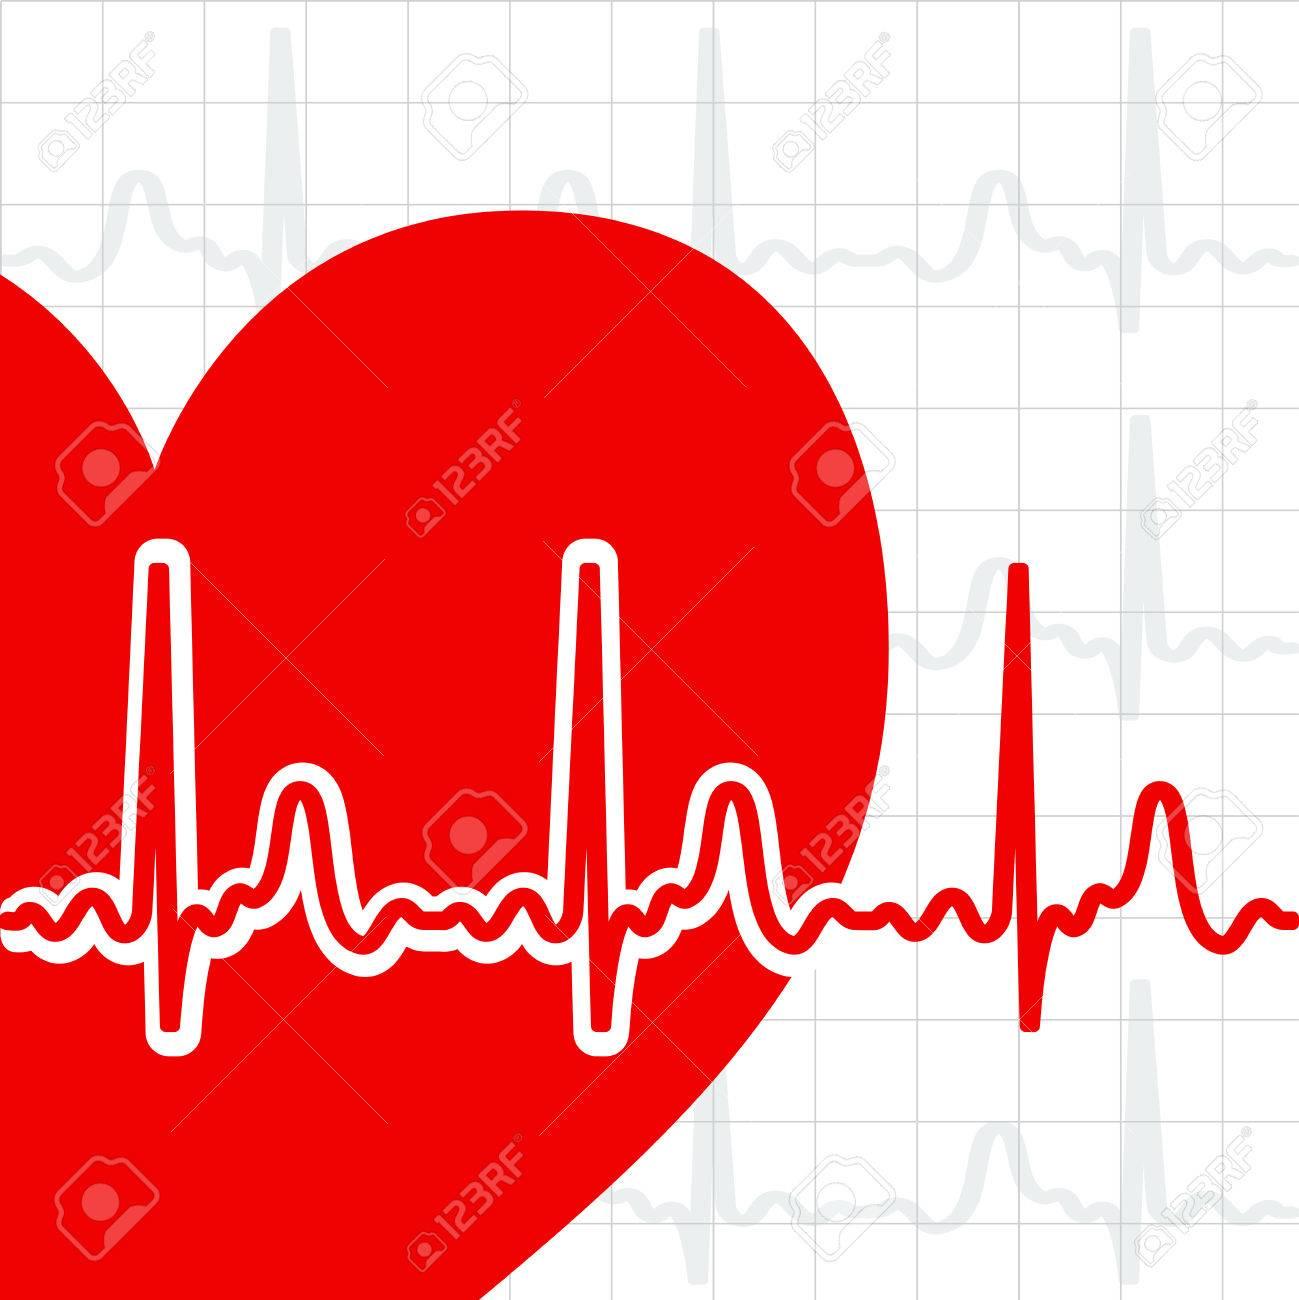 Heart cardiogram Stock Vector - 8102797